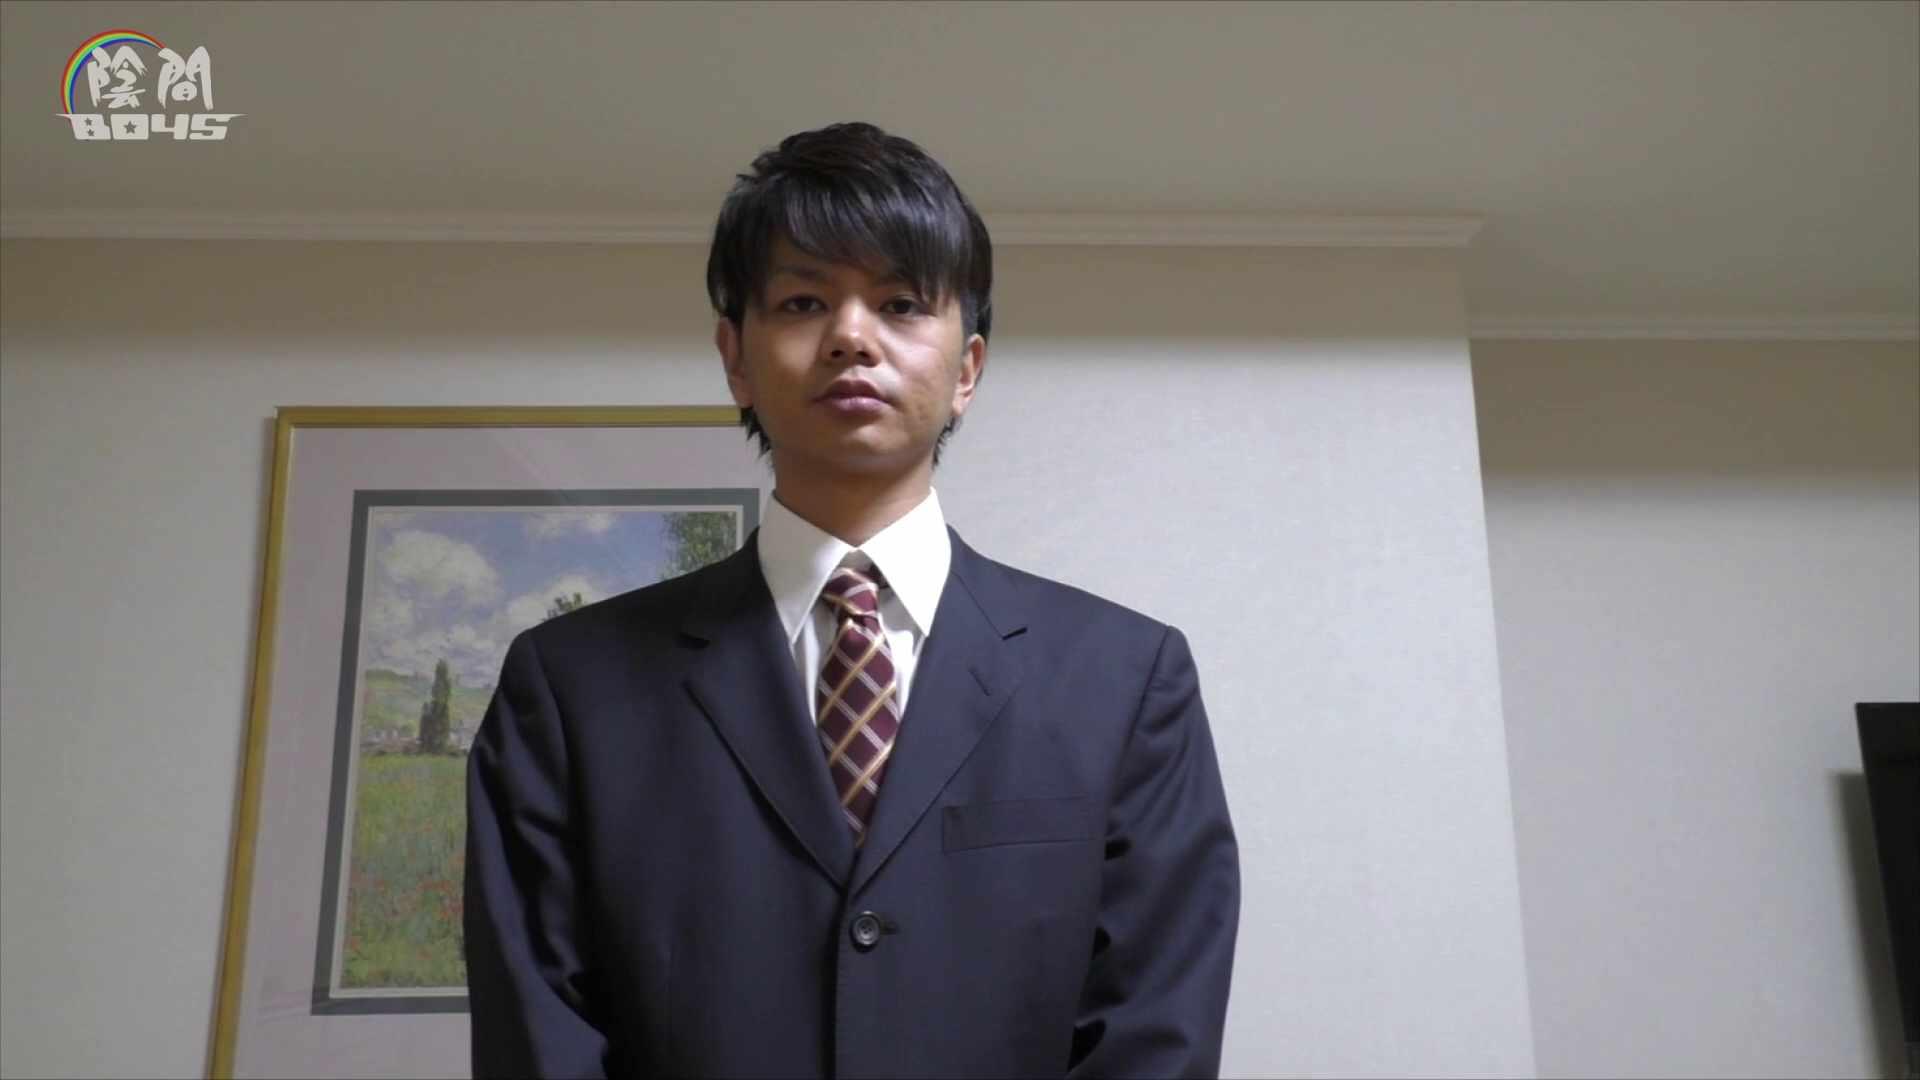 陰間BOYS~キャバクラの仕事はアナルから4 Vol.01 オナニー 男同士動画 108pic 3